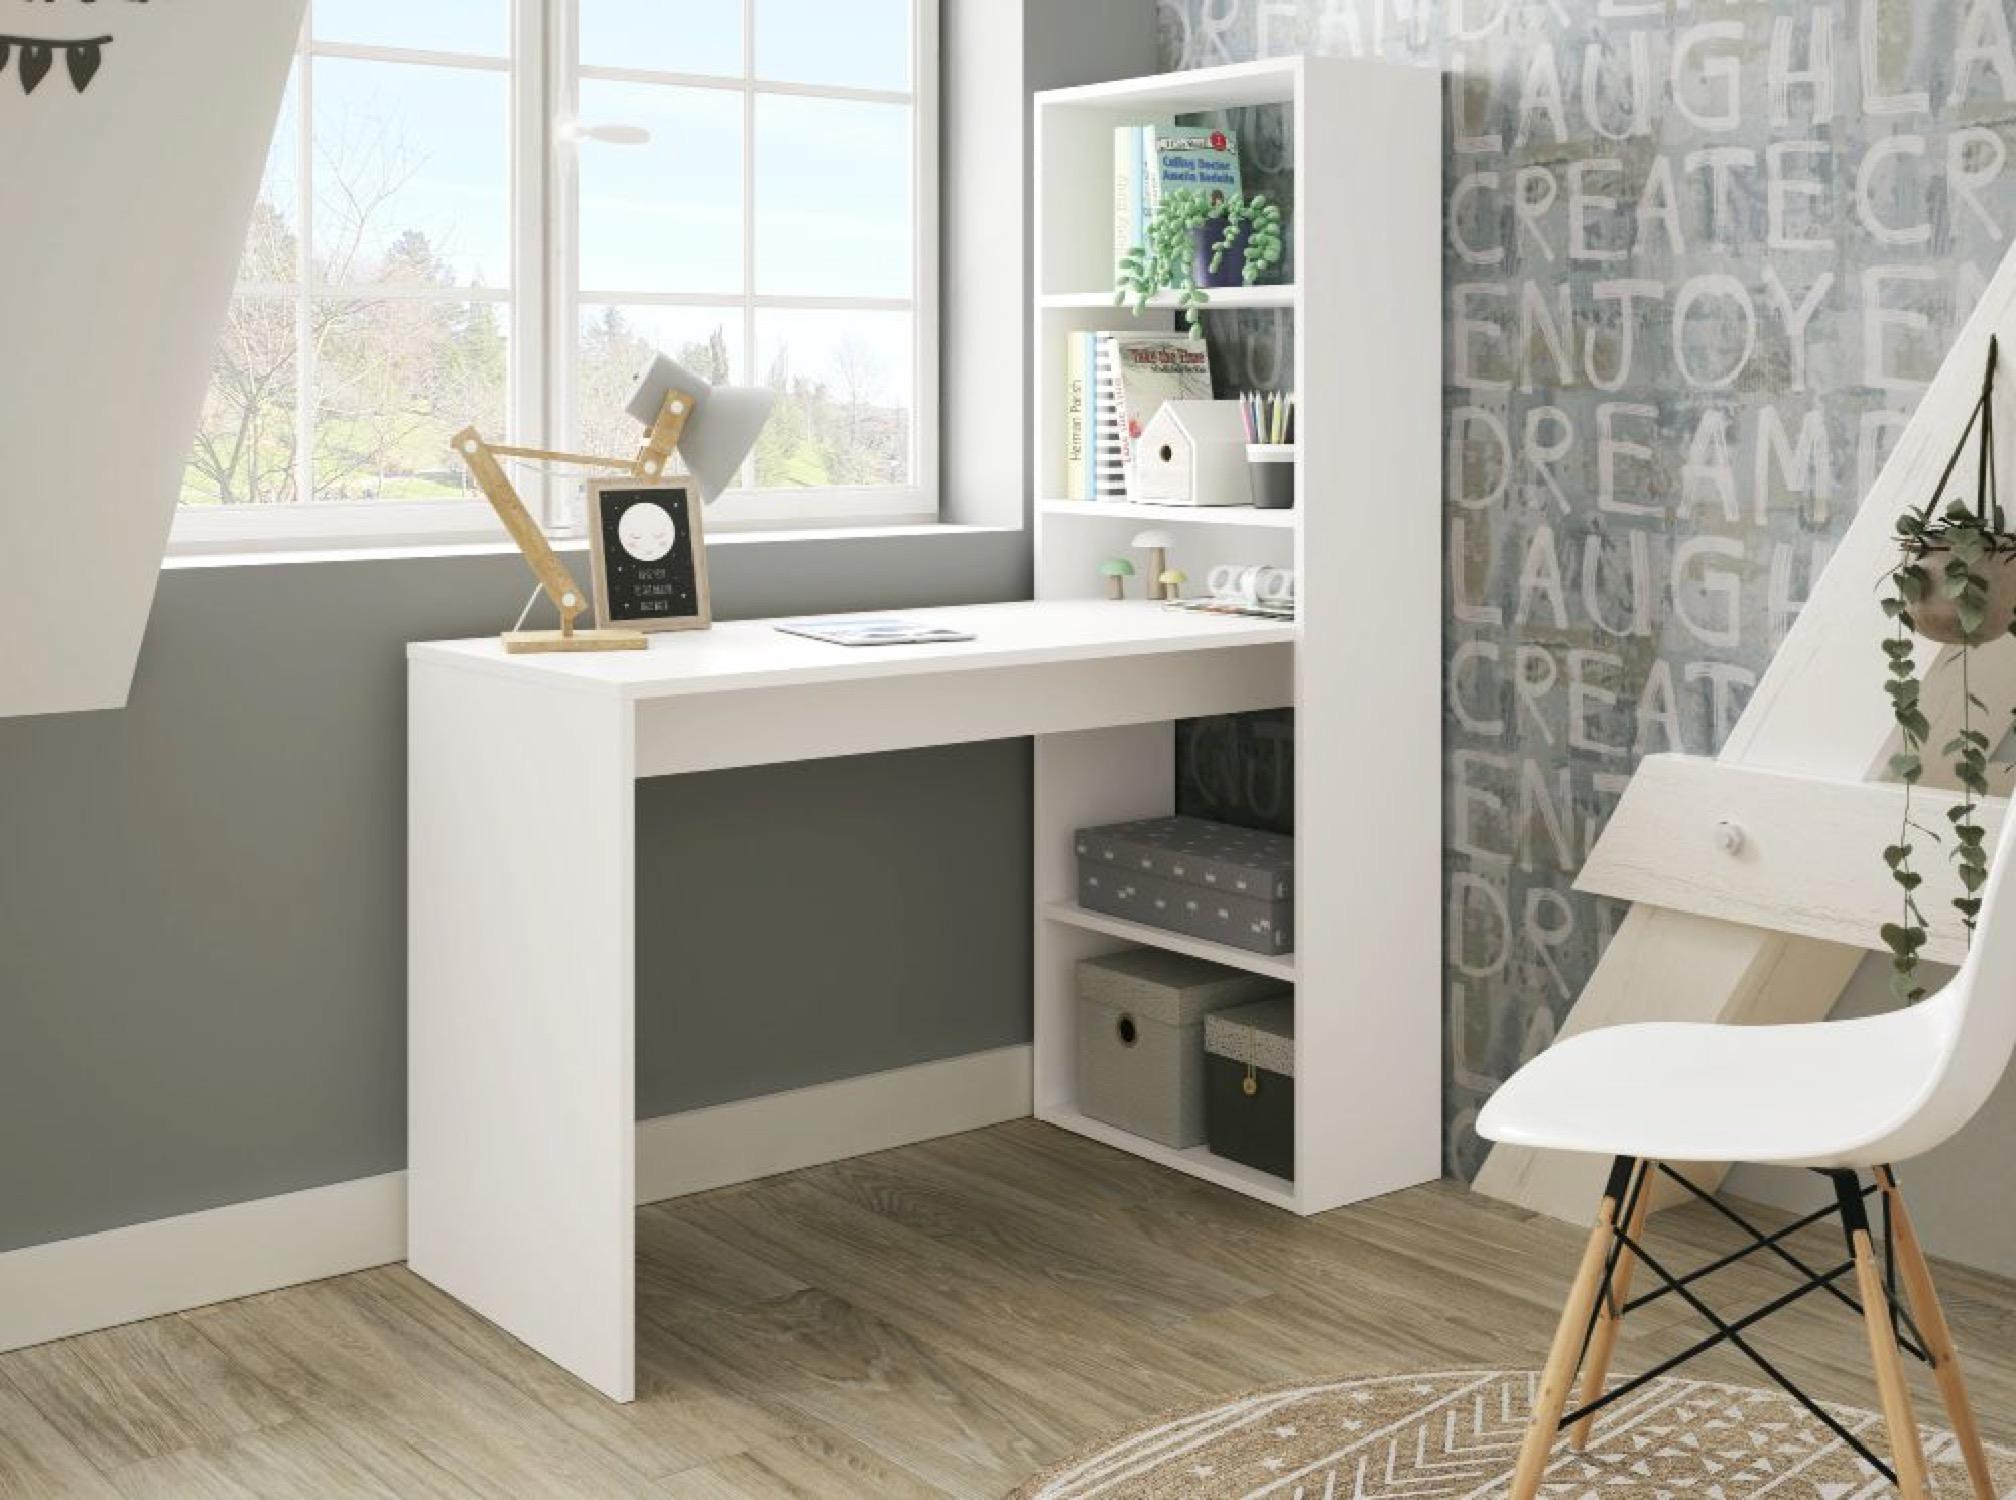 Bureau blanc avec étagère de rangement réversible L120cmxP53cmxH144cm